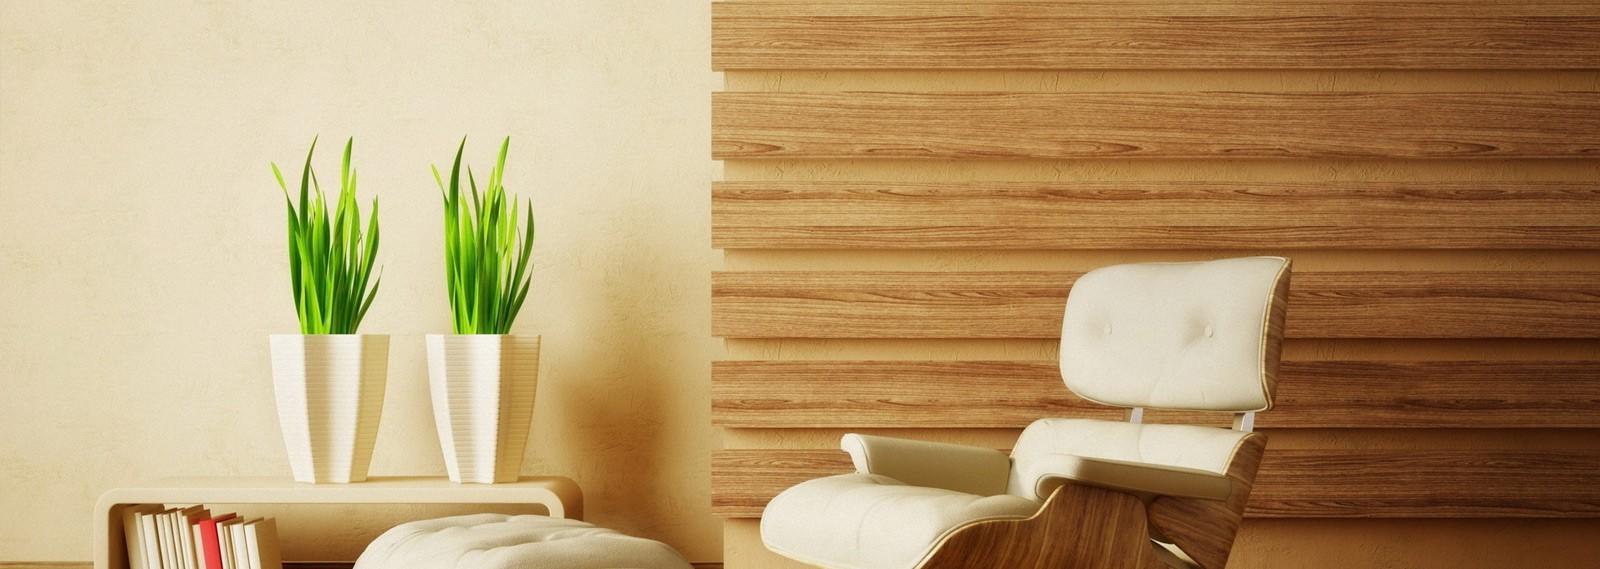 Kanara Wood & Plywood Industries Limited